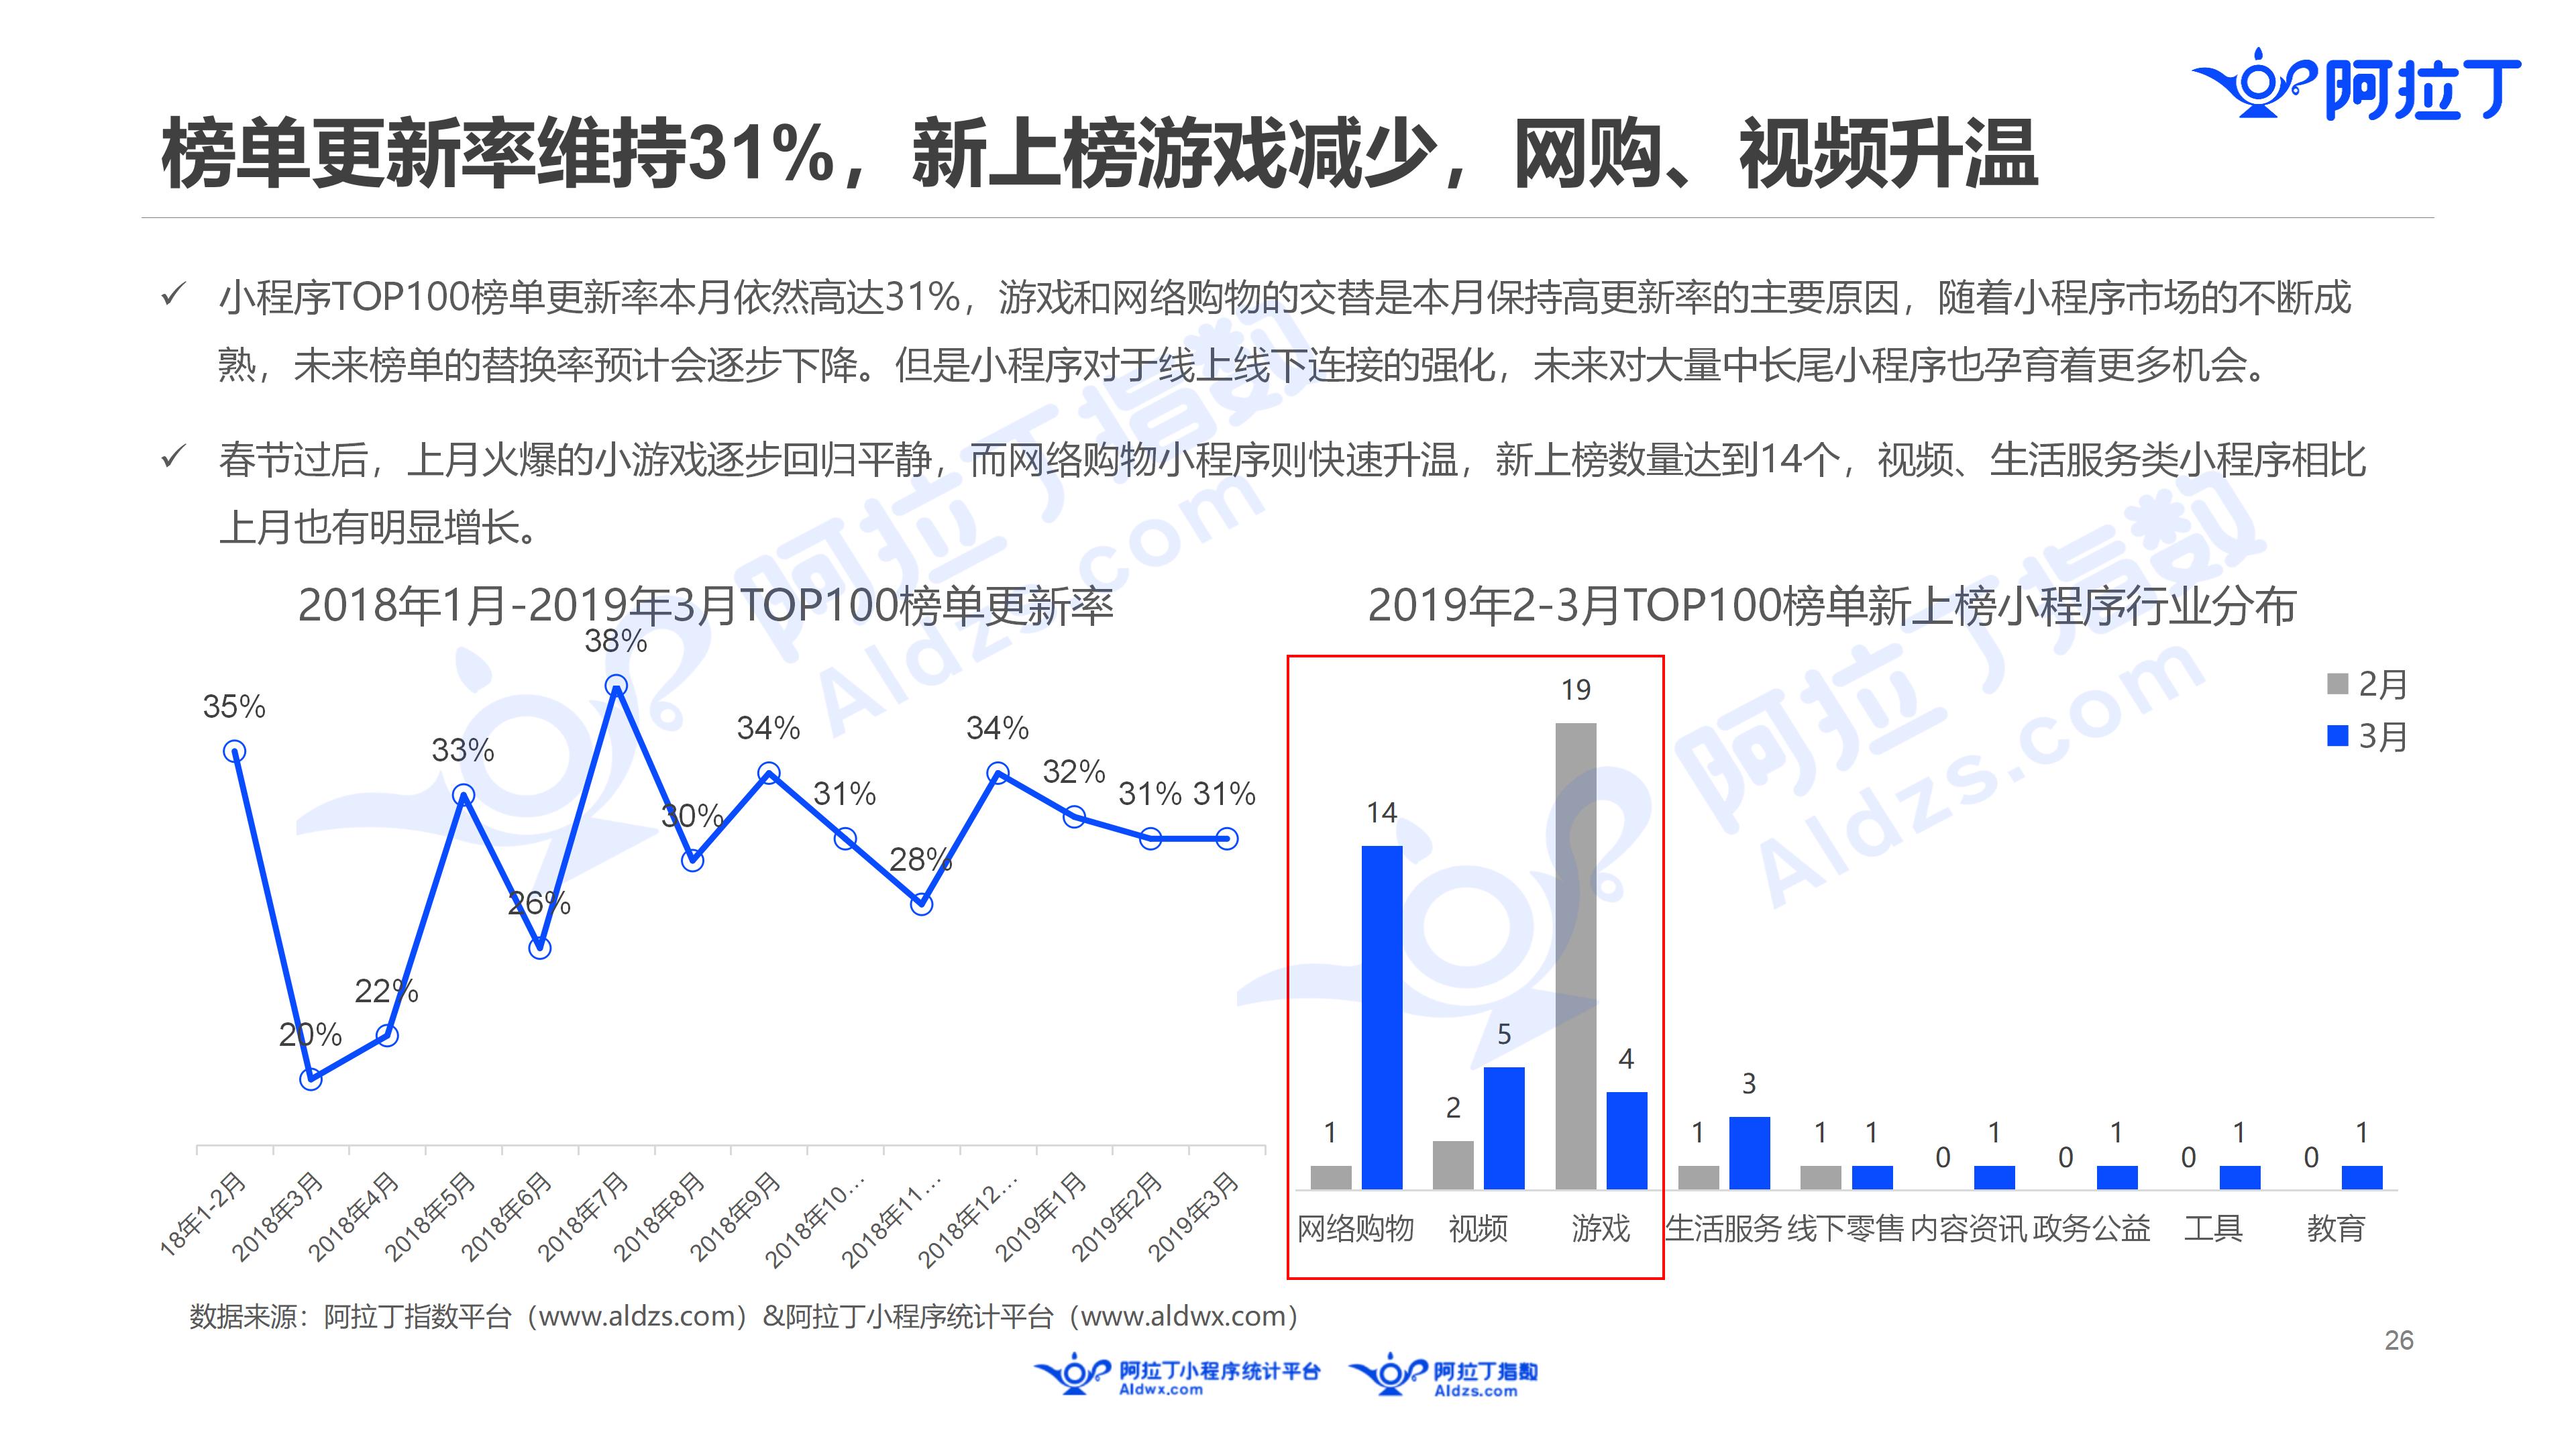 2019年3月中国小程序行业月度报告v5(1)_26.png